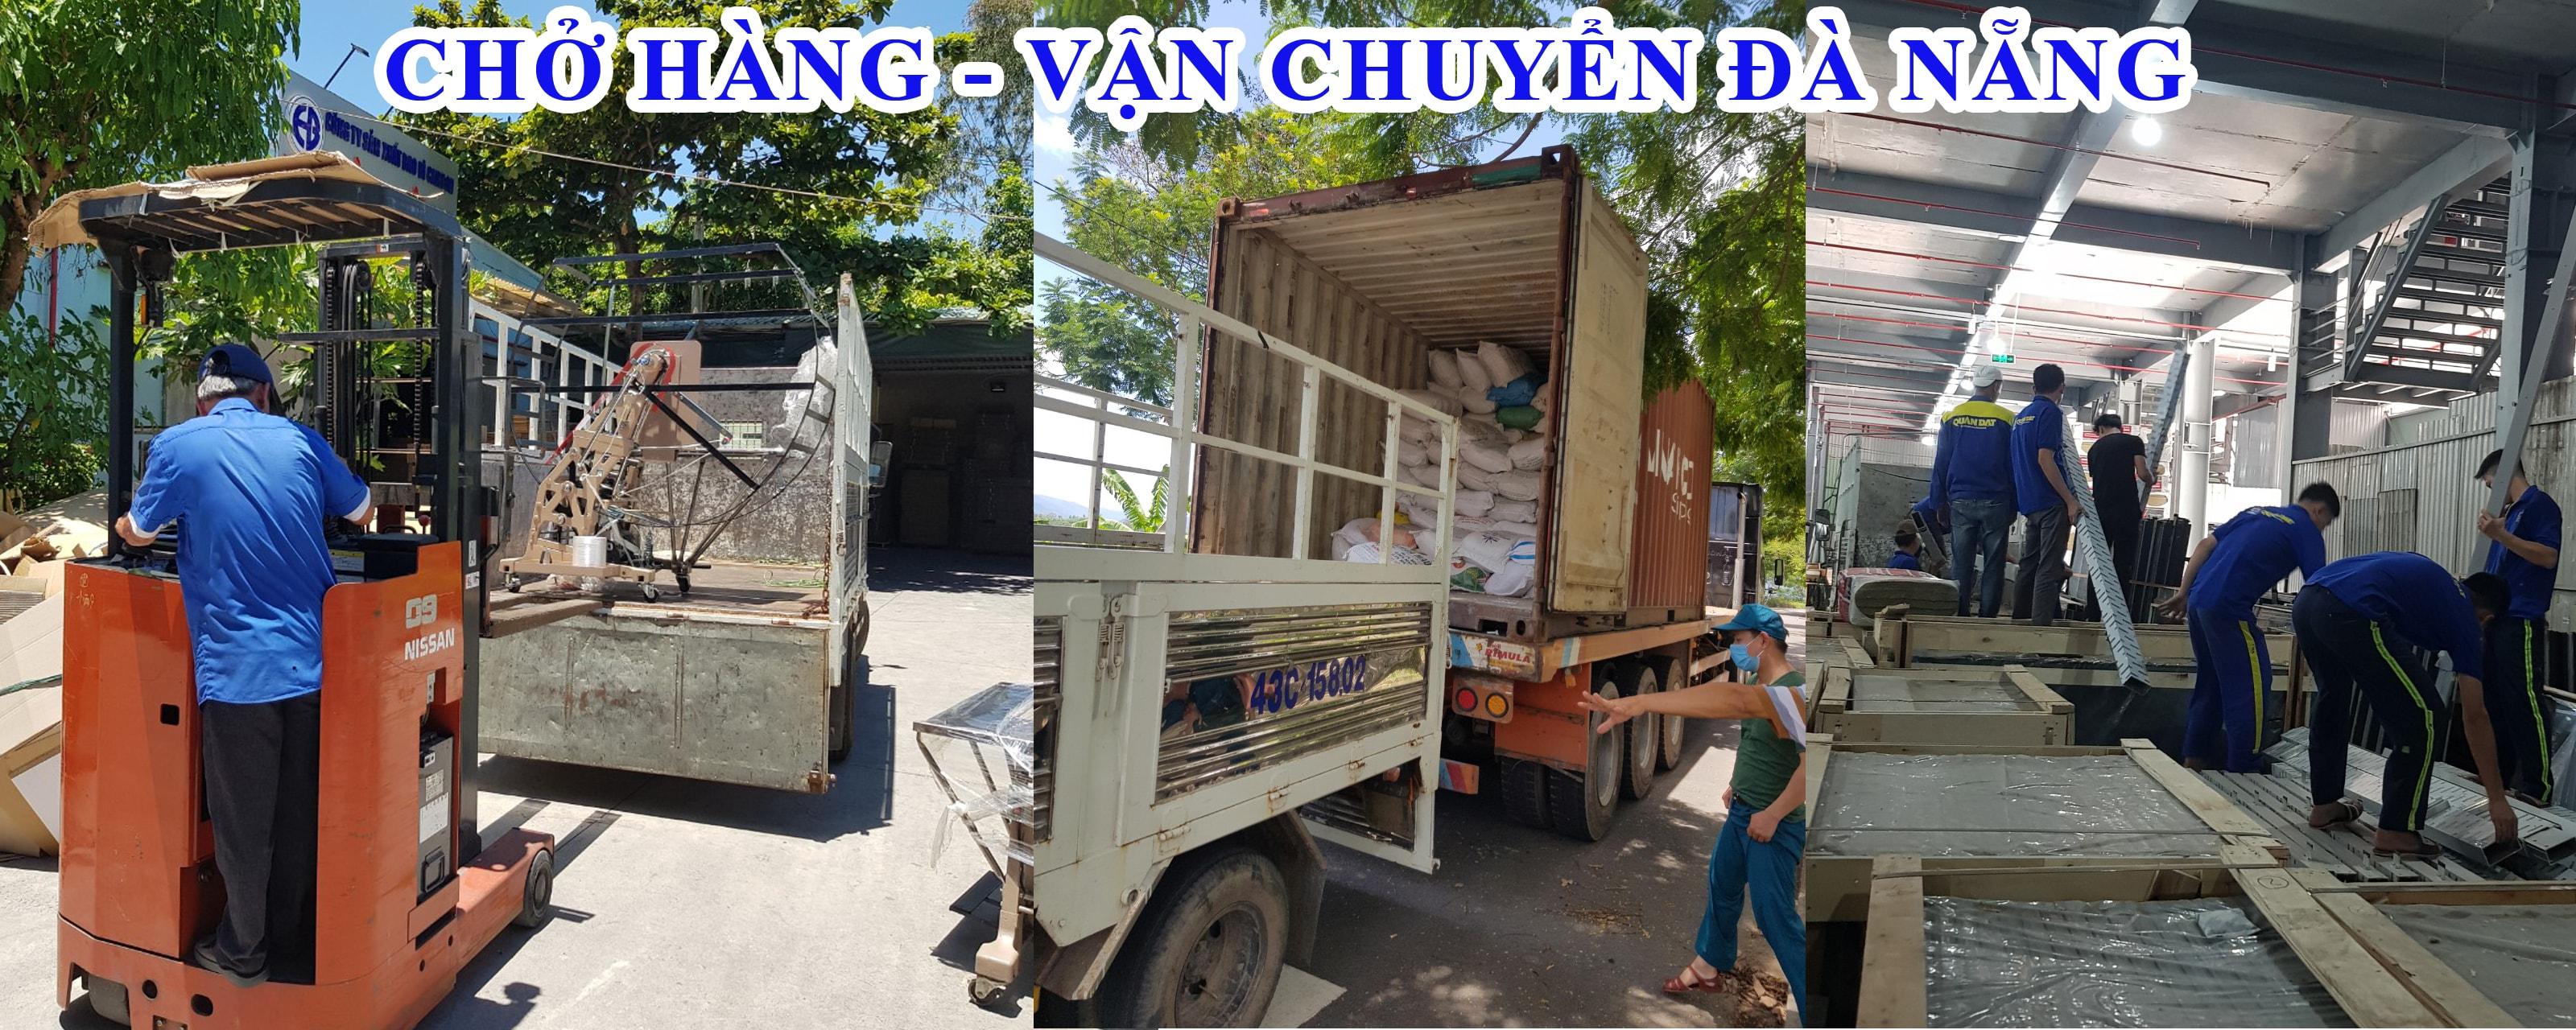 Chở hàng vận chuyển Đà Nẵng